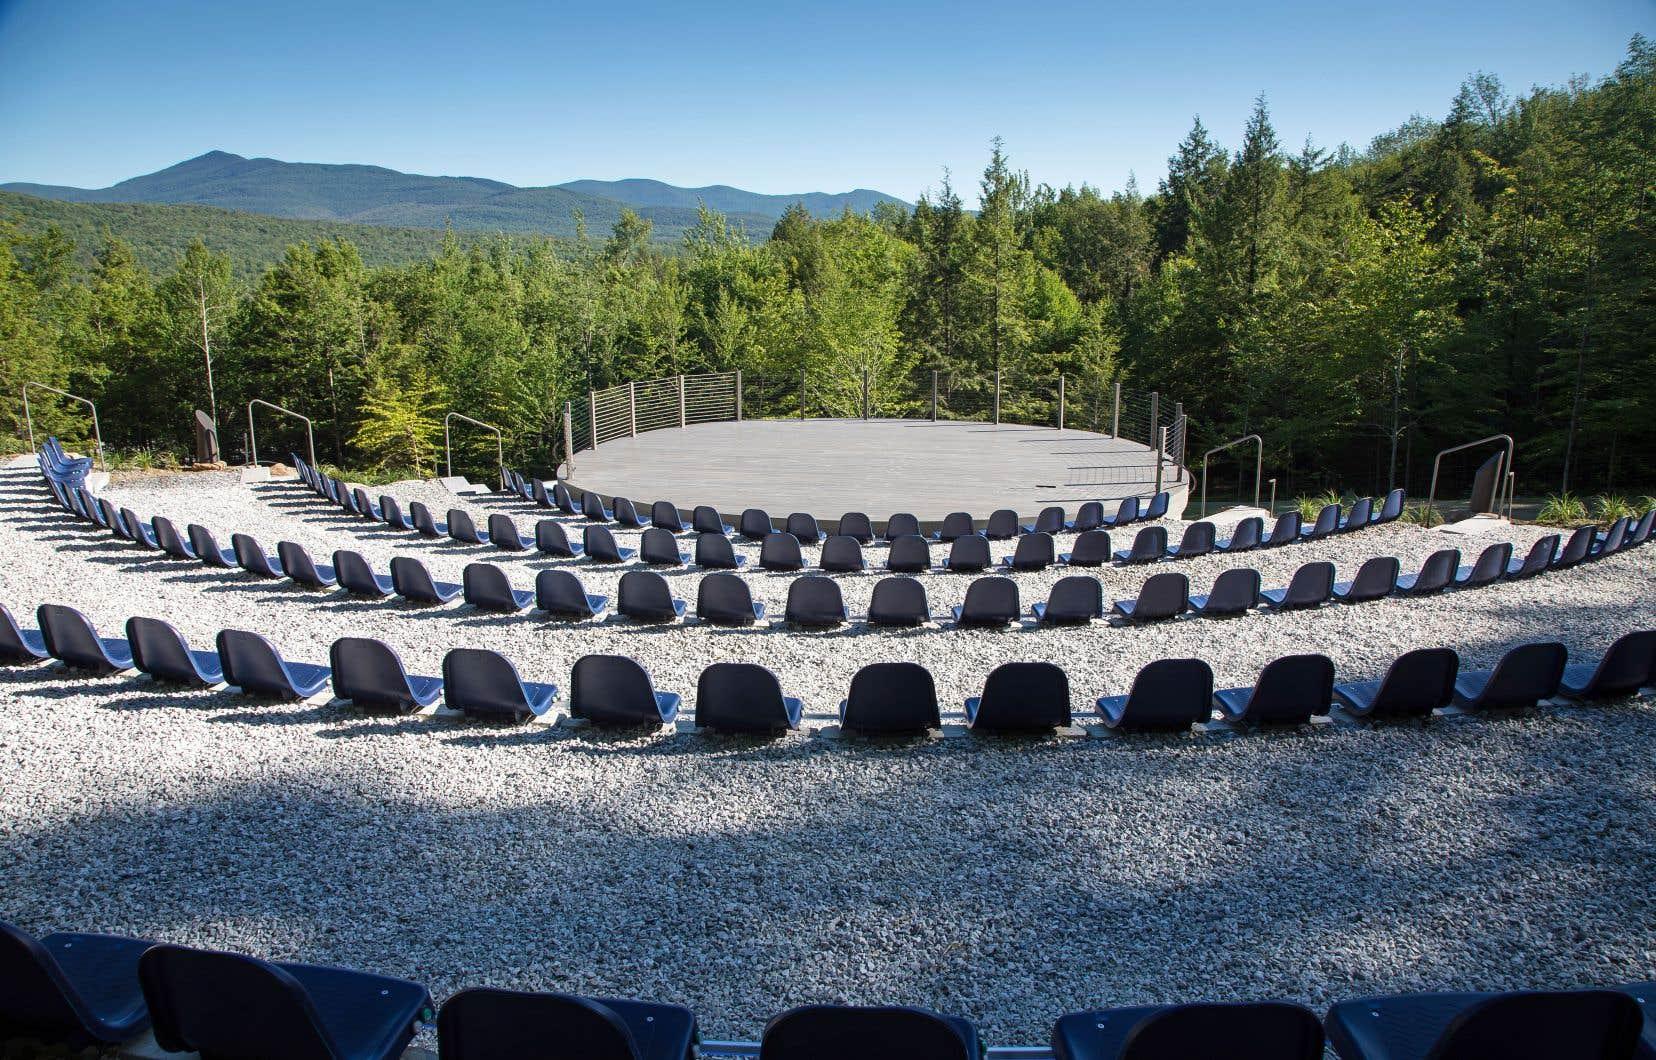 L'amphithéâtre moderne construit en plein cœur de la forêt de ce camping idyllique à Glen Sutton abrite quelque 180 sièges chauffants.